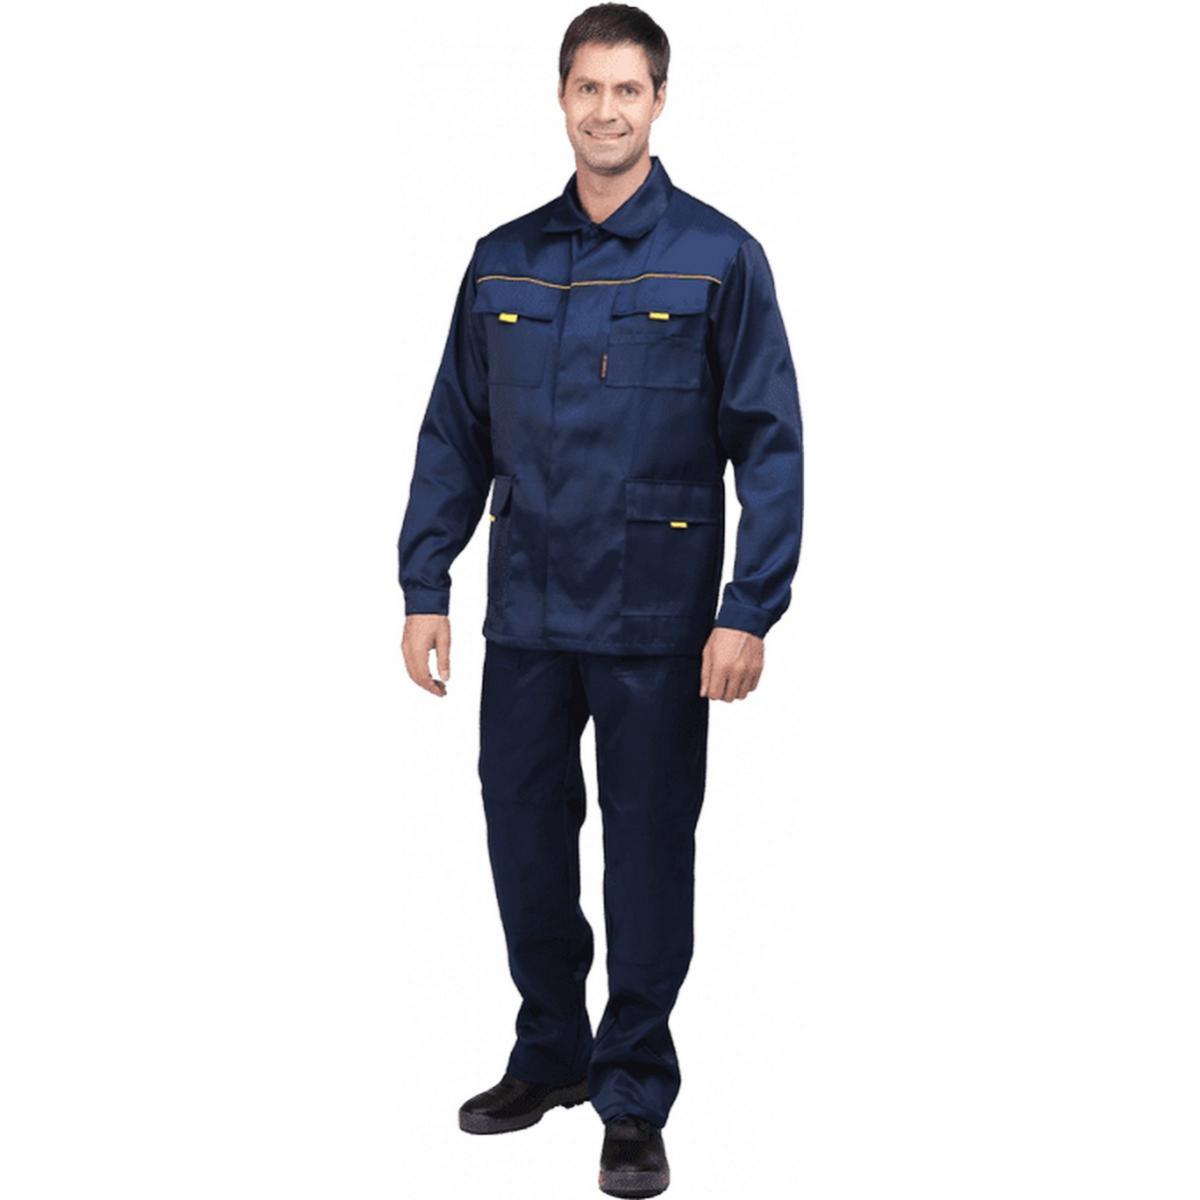 Костюм ВЫМПЕЛ-2 т/синий (куртка+п/к)  (разм. 96-100 рост 182-188)